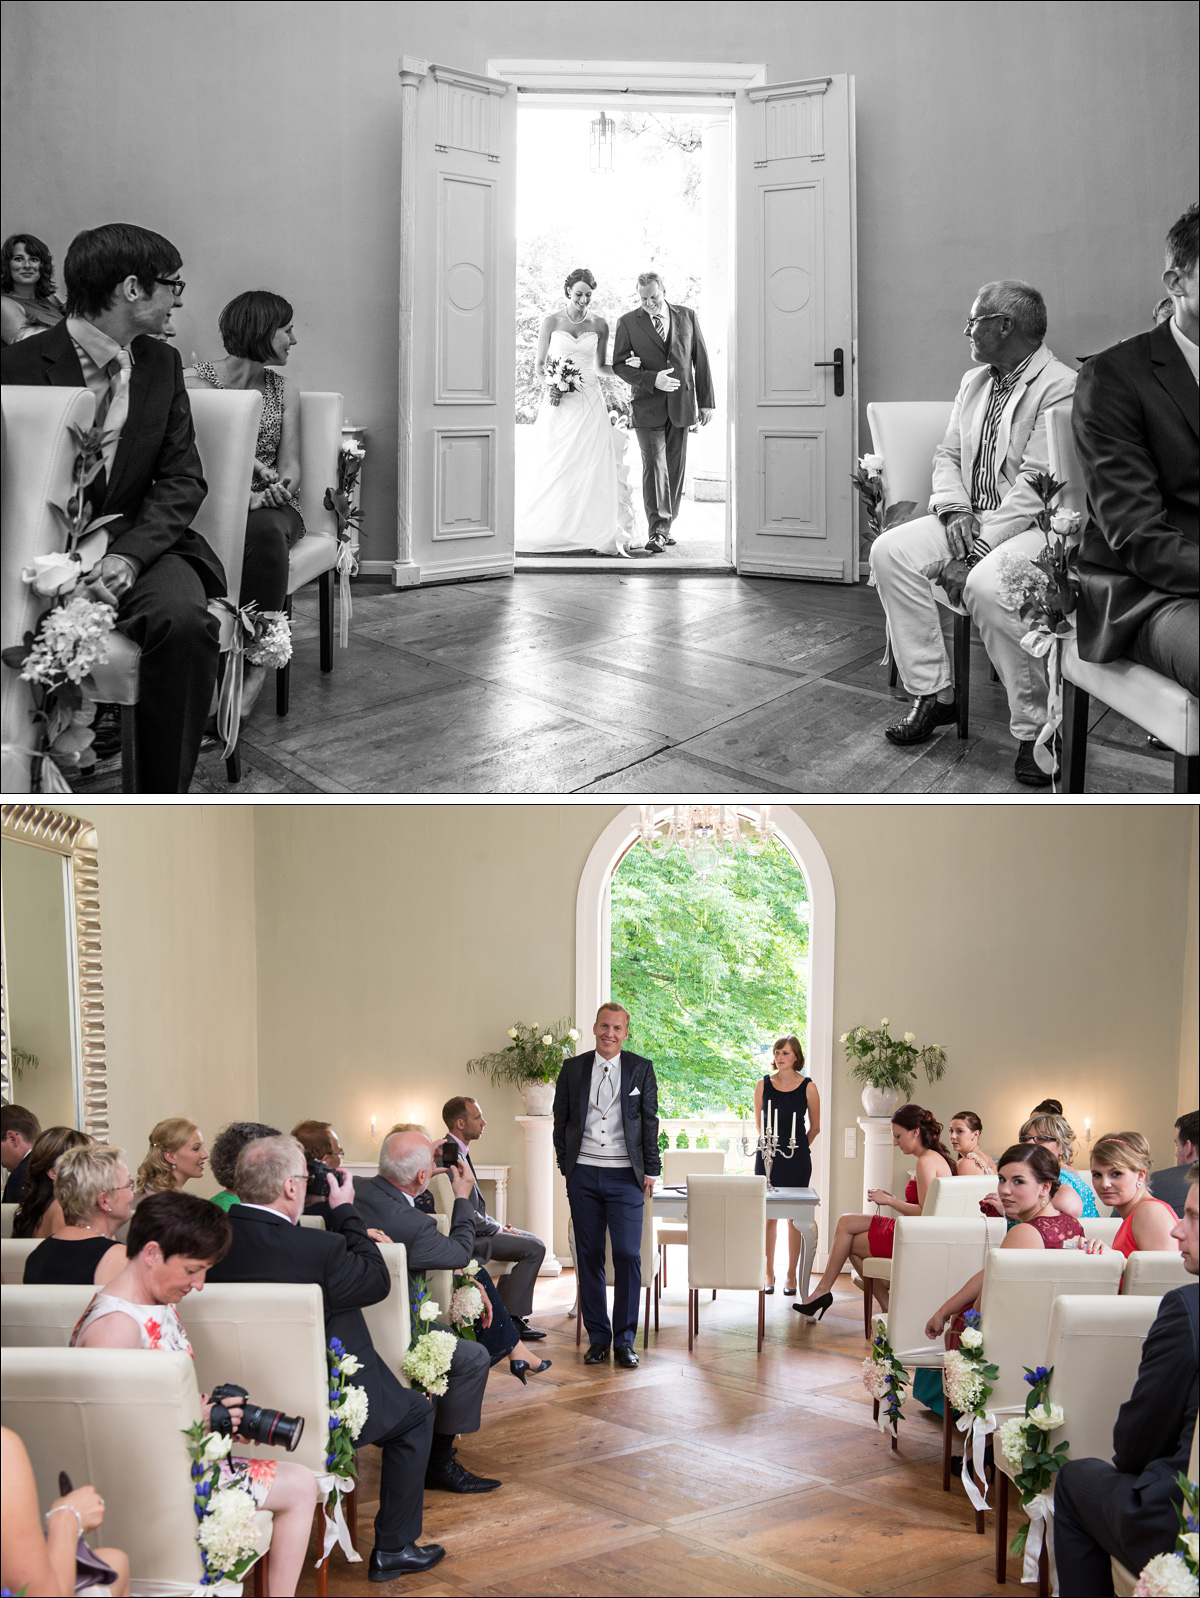 Trauung Steinhoefel Schlosshotel Hochzeitsfotograf Berlin